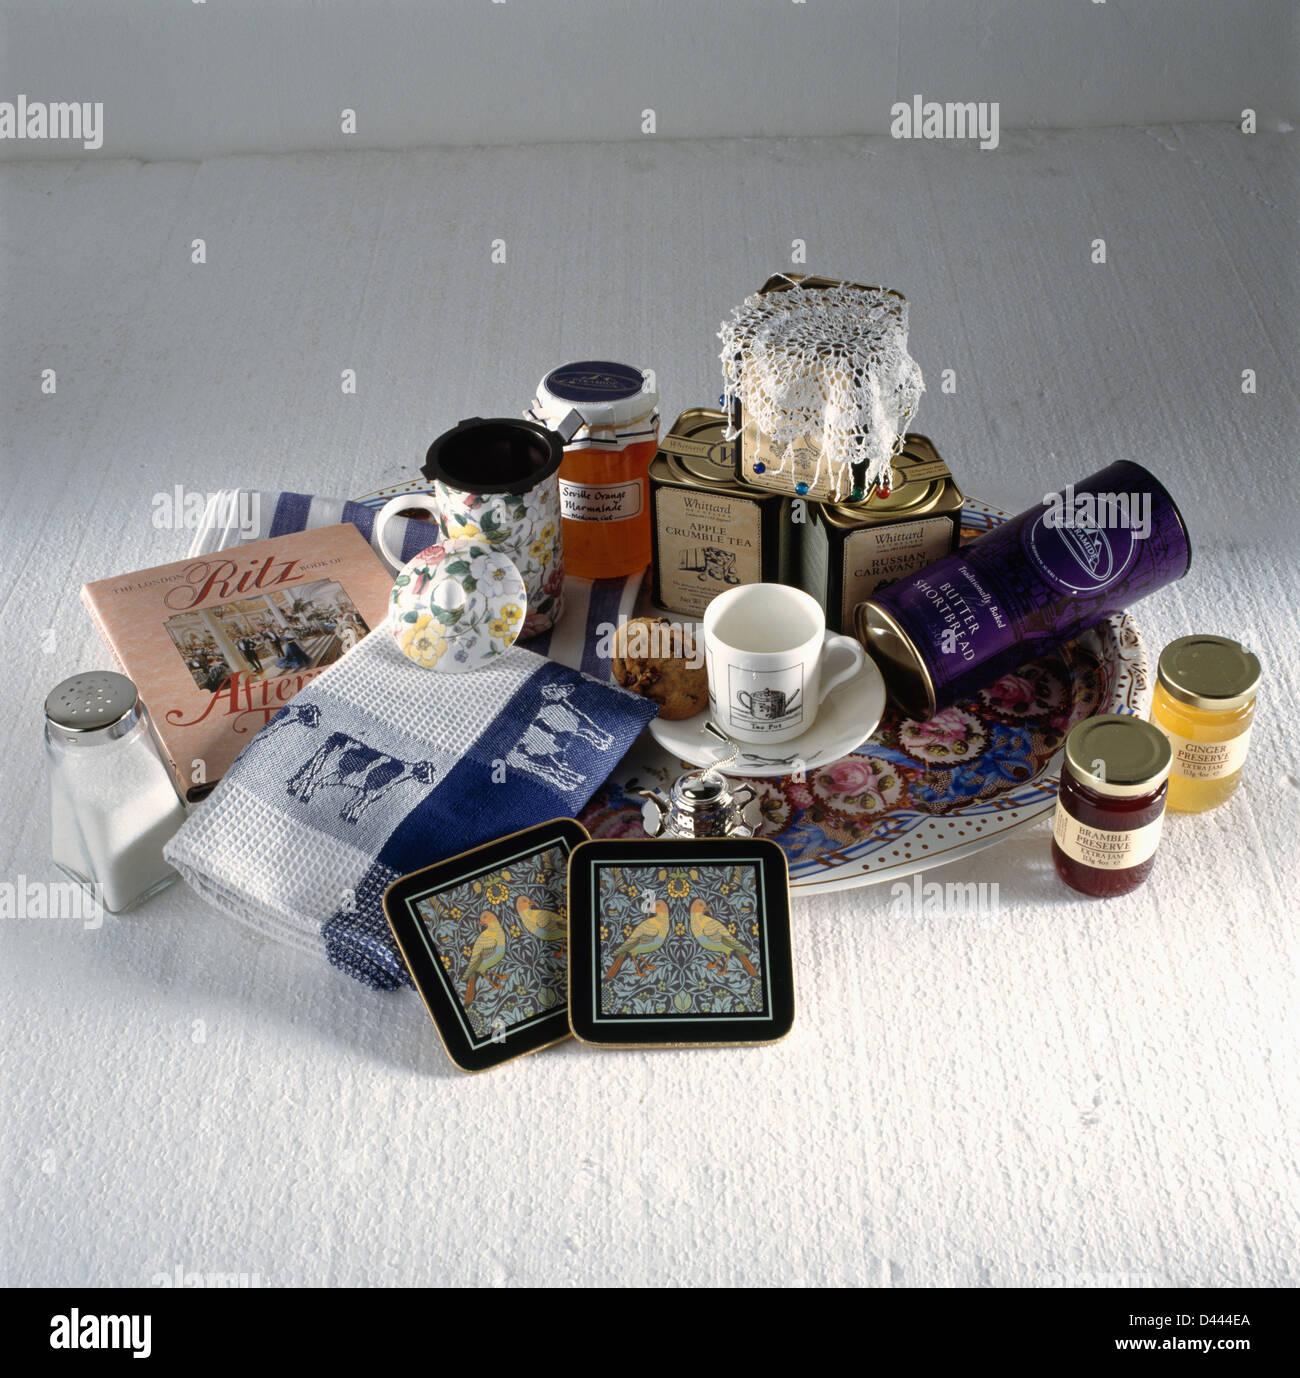 Nahaufnahme Der Glaser Marmelade Mit Tassen Und Untersetzer Und Geschirrtucher Vor Wird Zu Weihnachten Als Geschenk Verpacken Stockfotografie Alamy